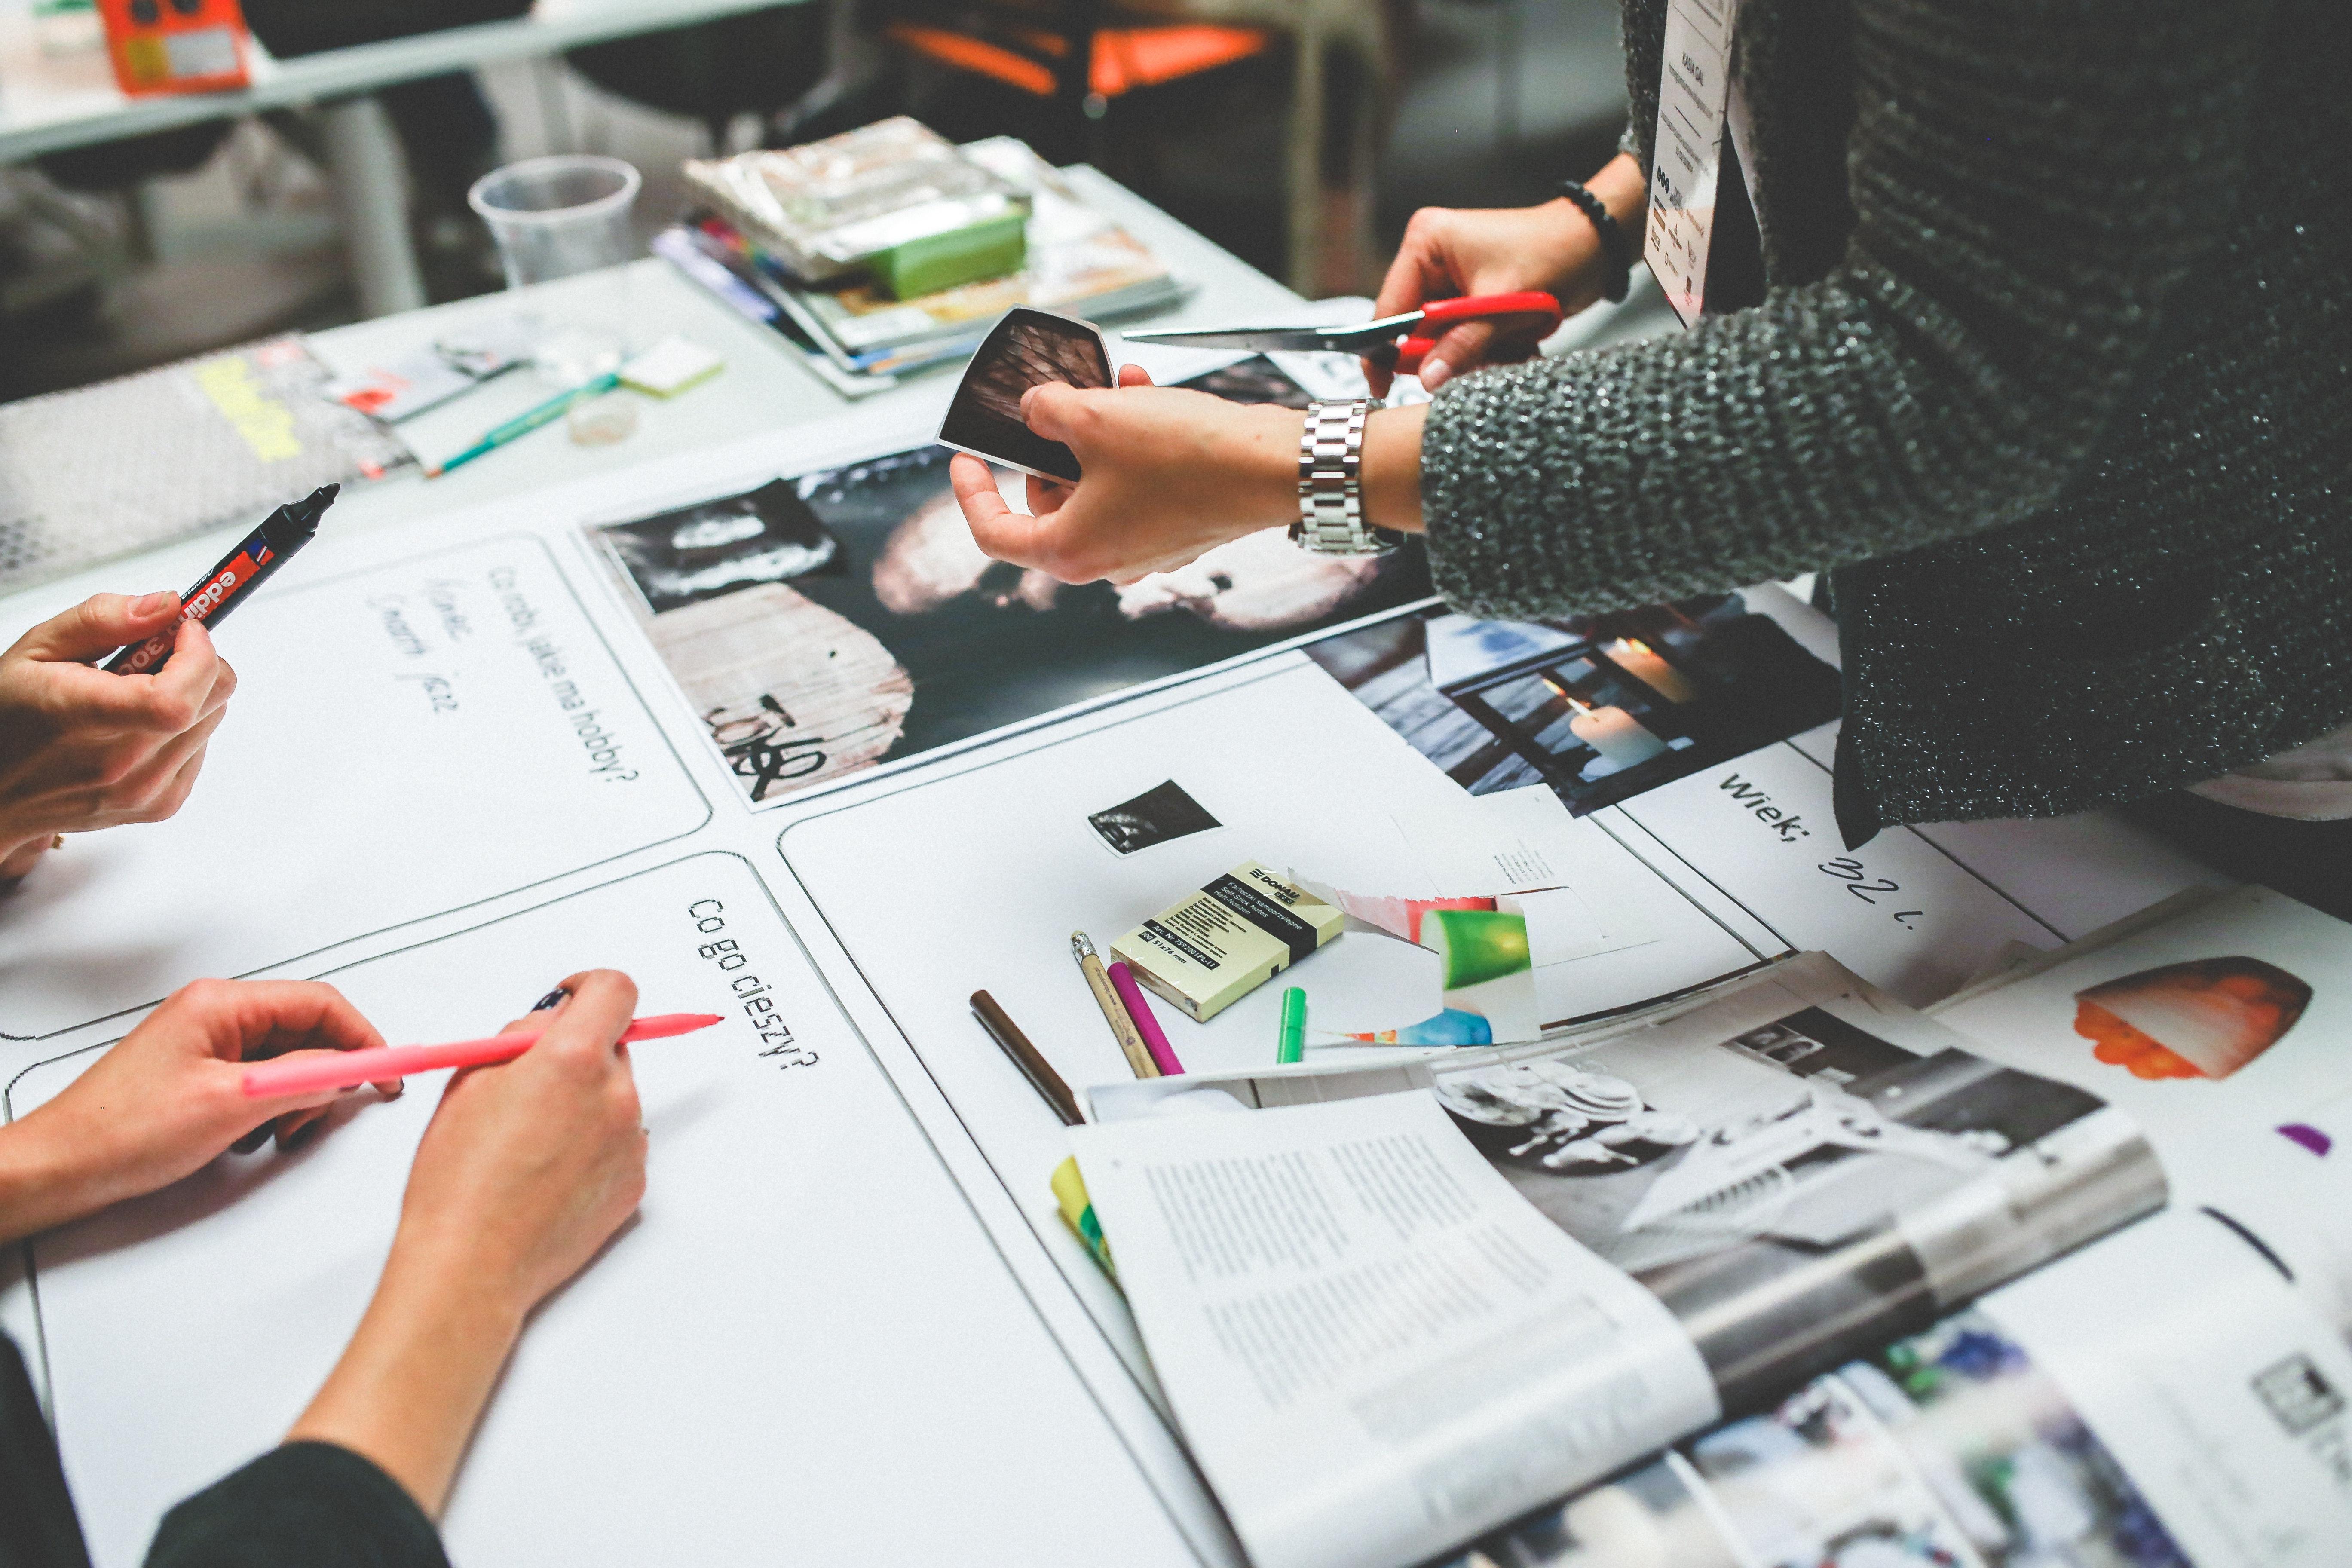 Как ориентироваться на возможности устройств при проектировании продукта